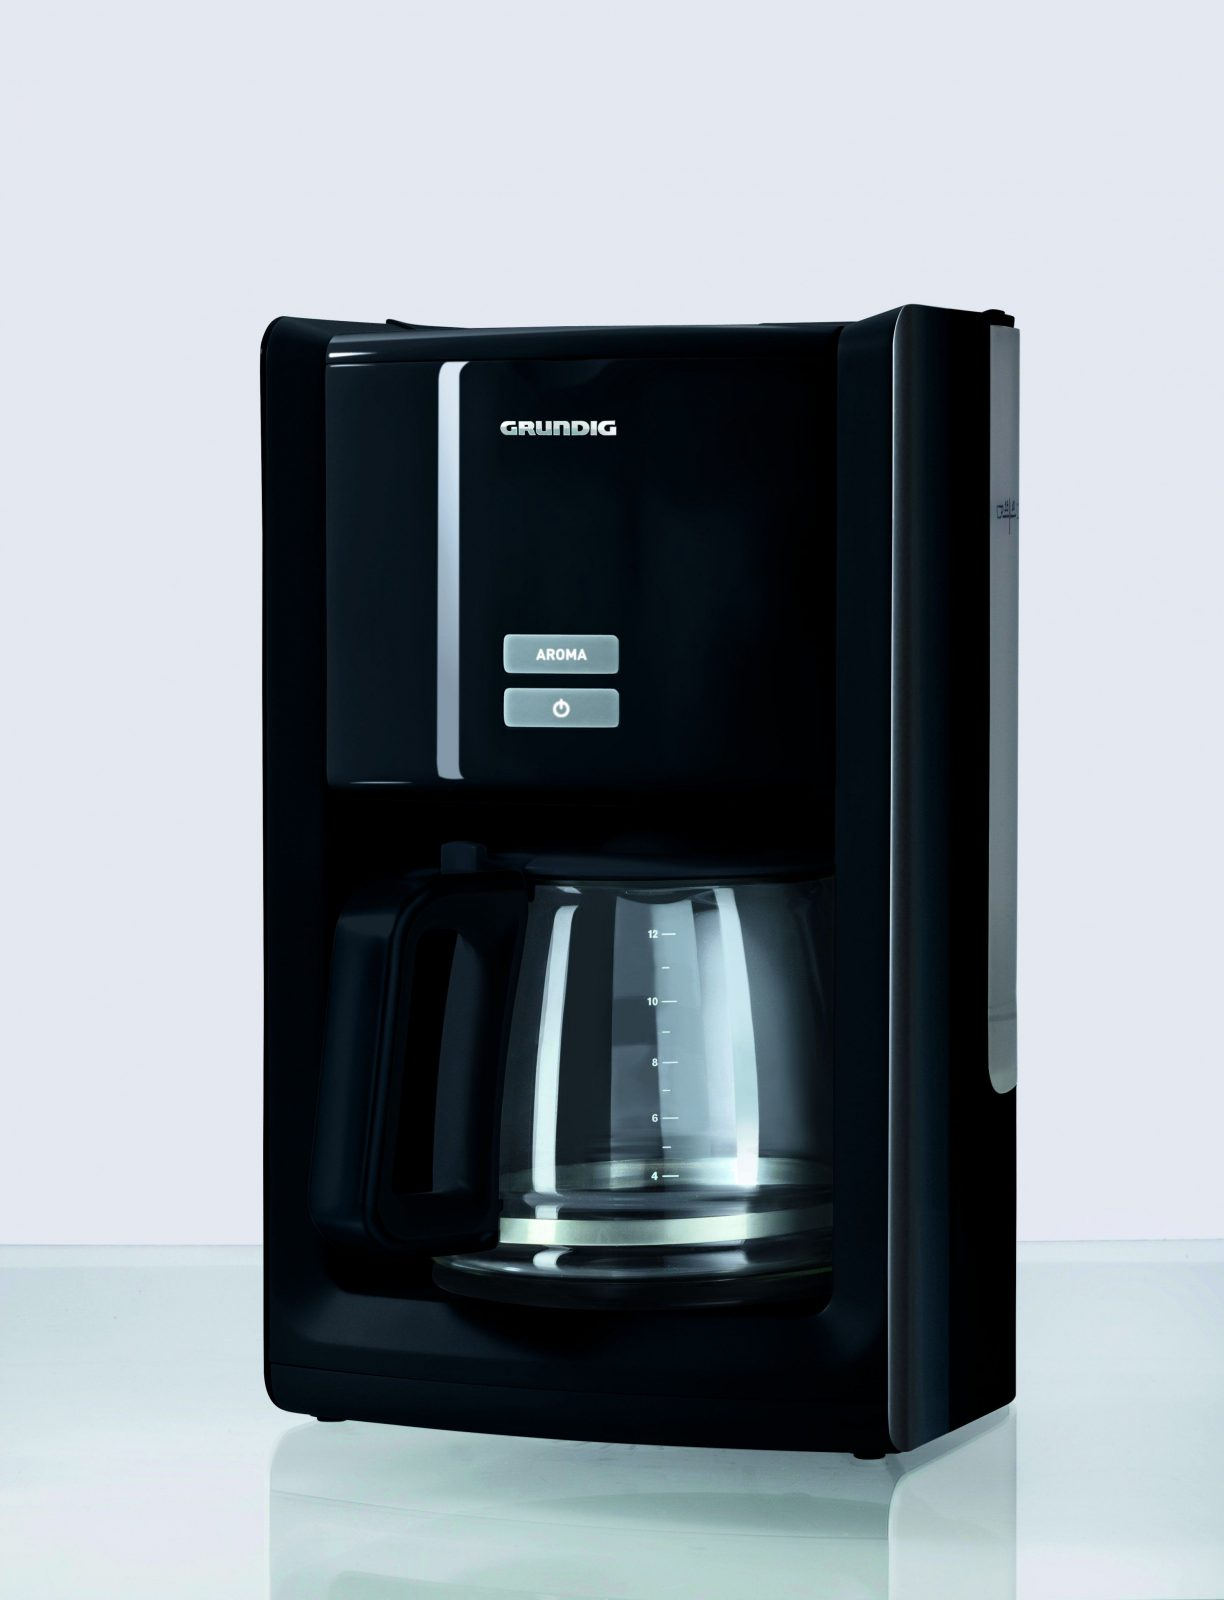 Grundig Black Sense Km6280 Kaffeemaschine Kaffeebrühen Für Viele von Grundig Premium Line Kaffeemaschine Photo